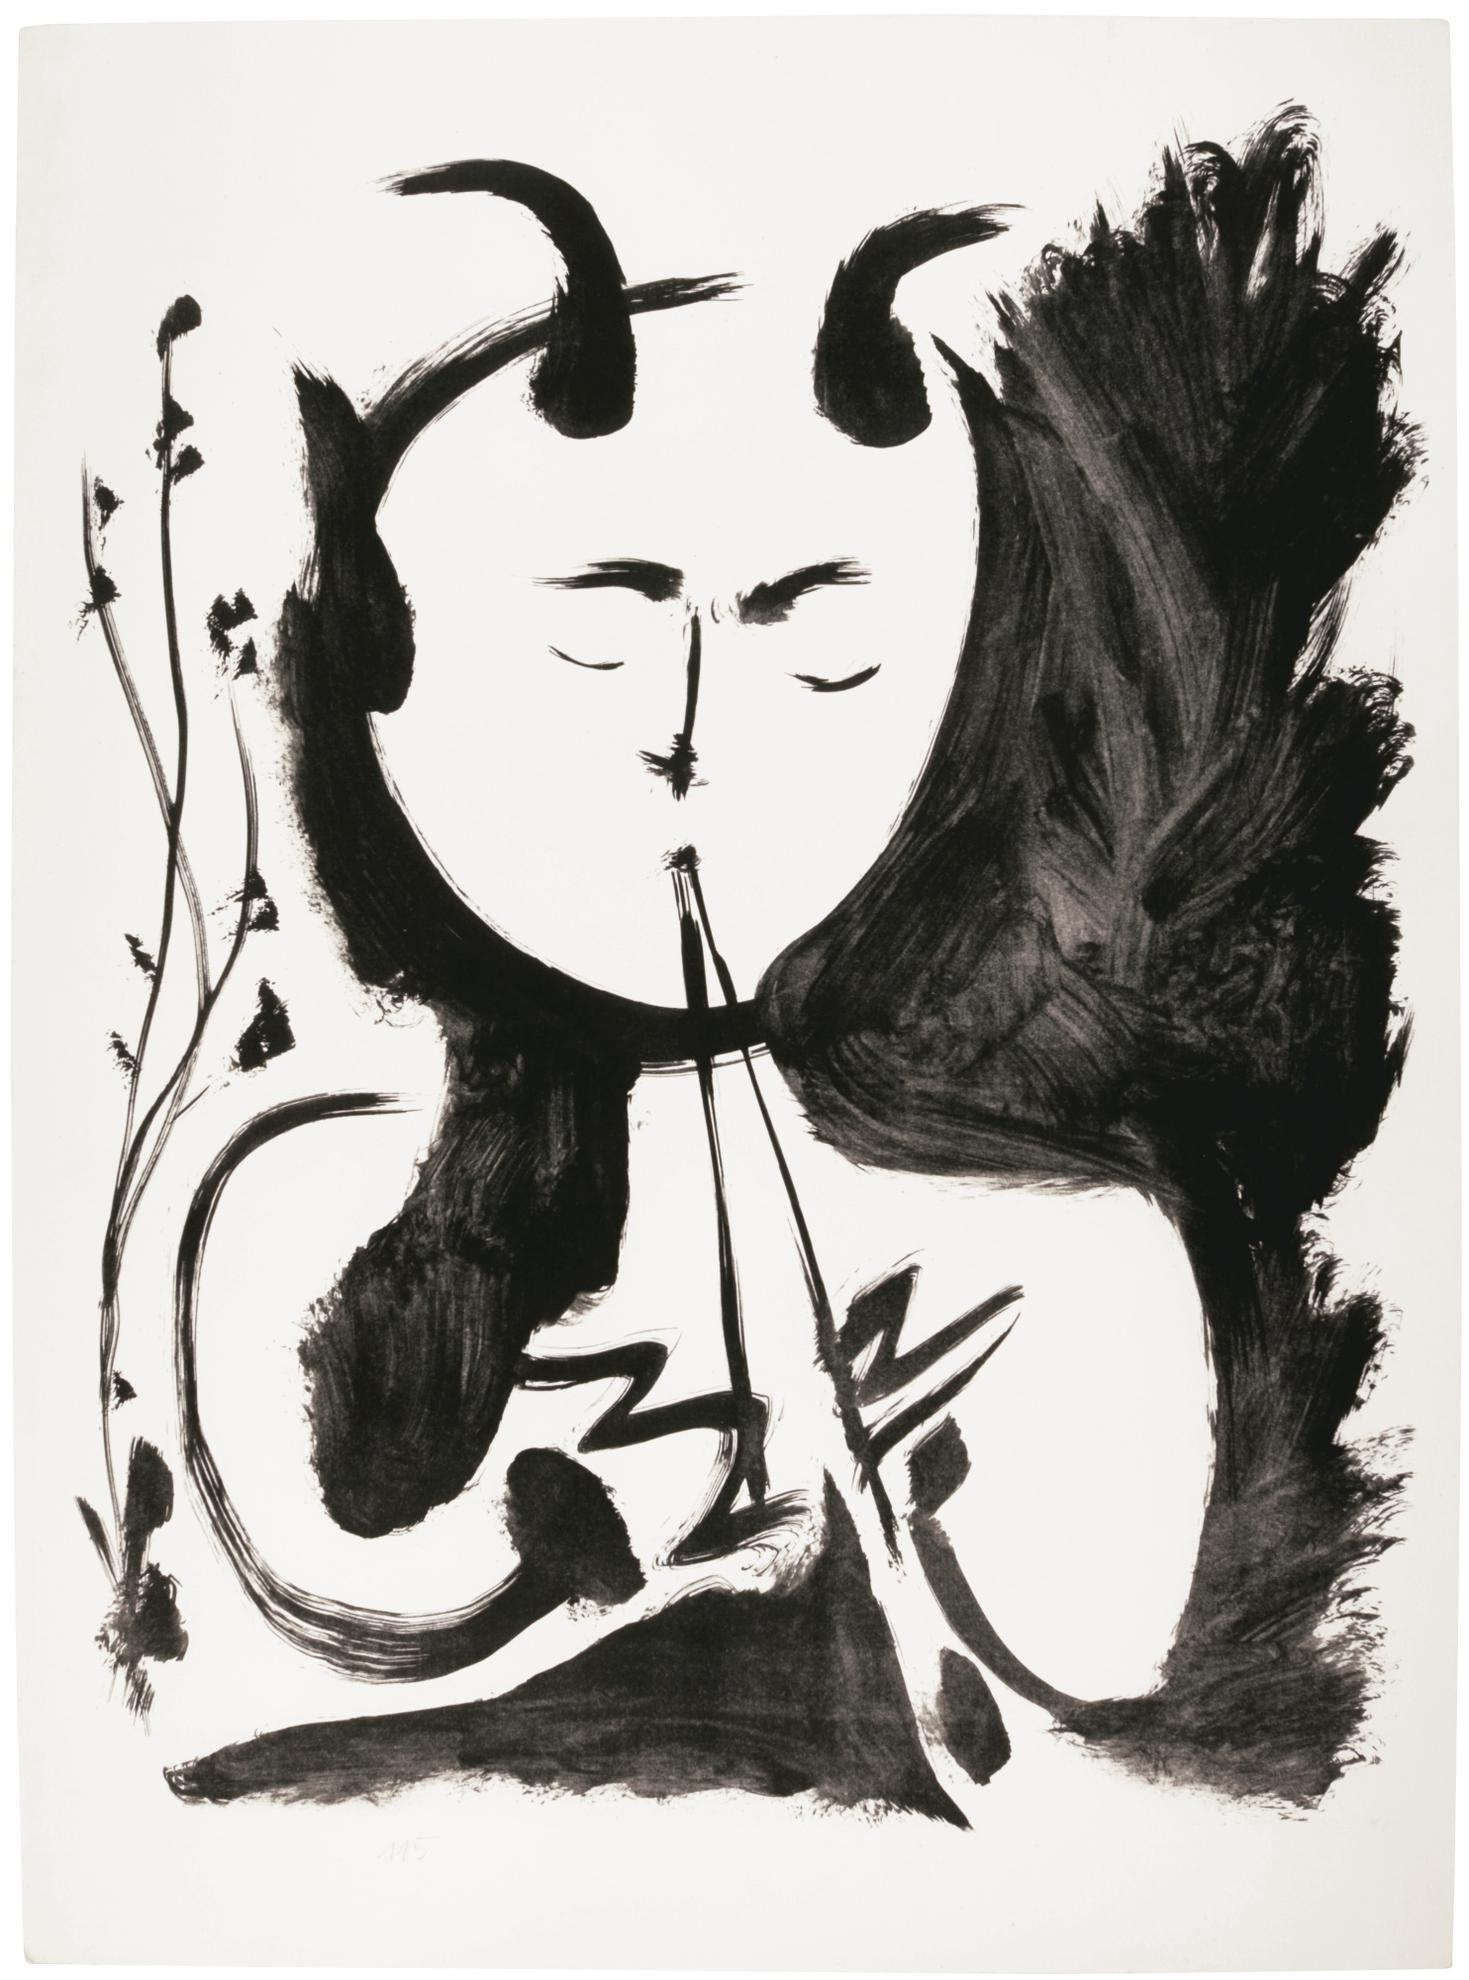 Pablo Picasso-Faune Musicien No. 4 (B. 522; M., Pp. 115)-1948